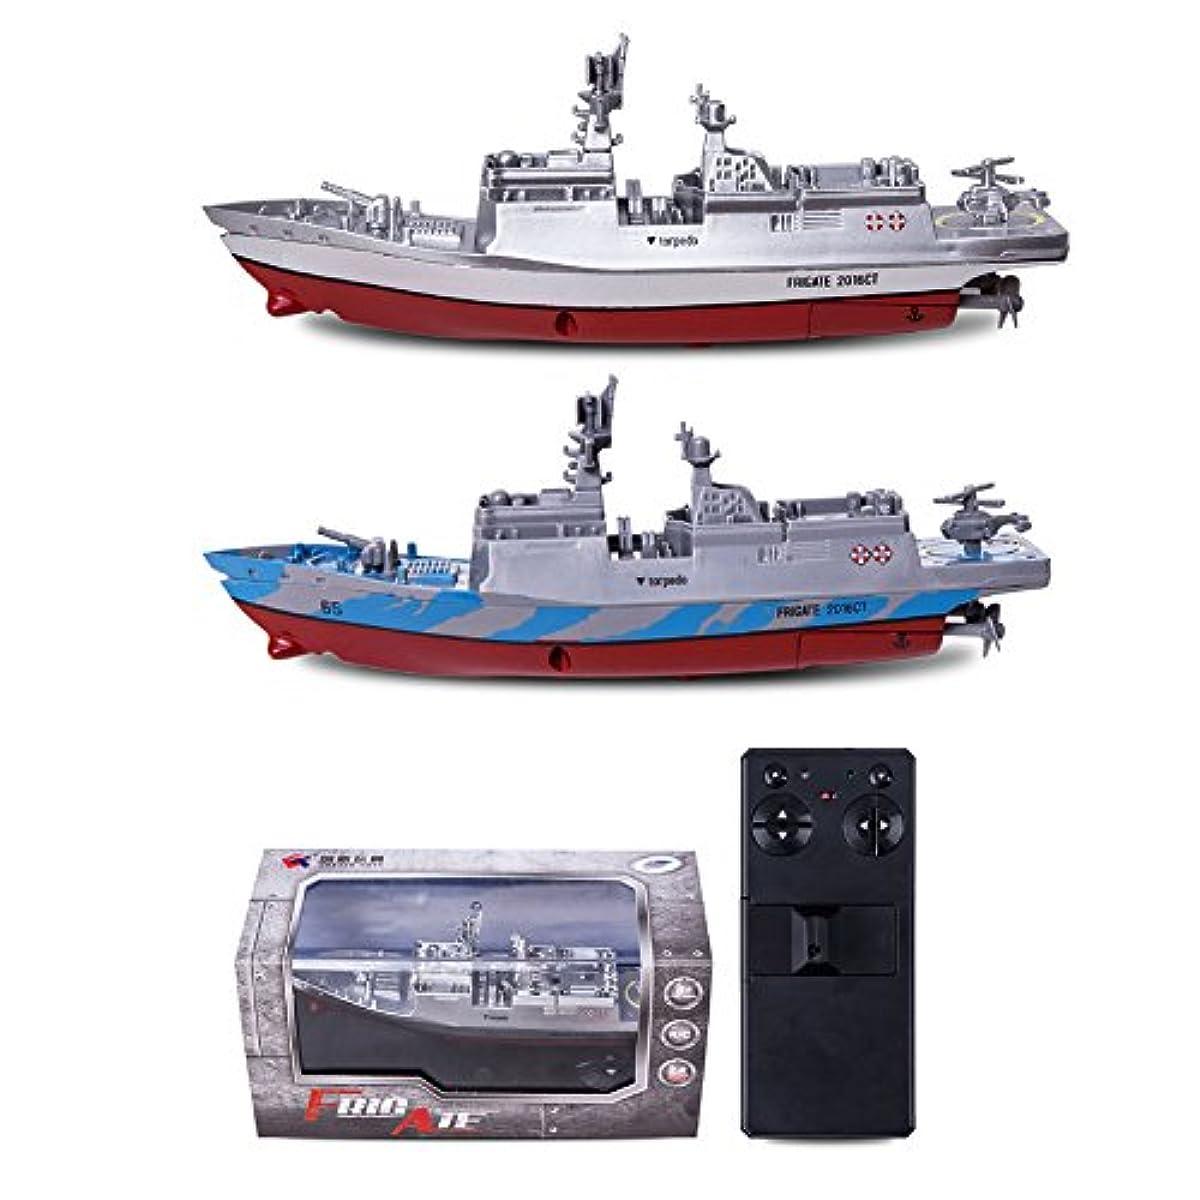 [해외] ATTACHMENTTOU 4CH고속 라디오 리모콘 전기RC레이싱 보트 스피드 보트 아이의 장난감